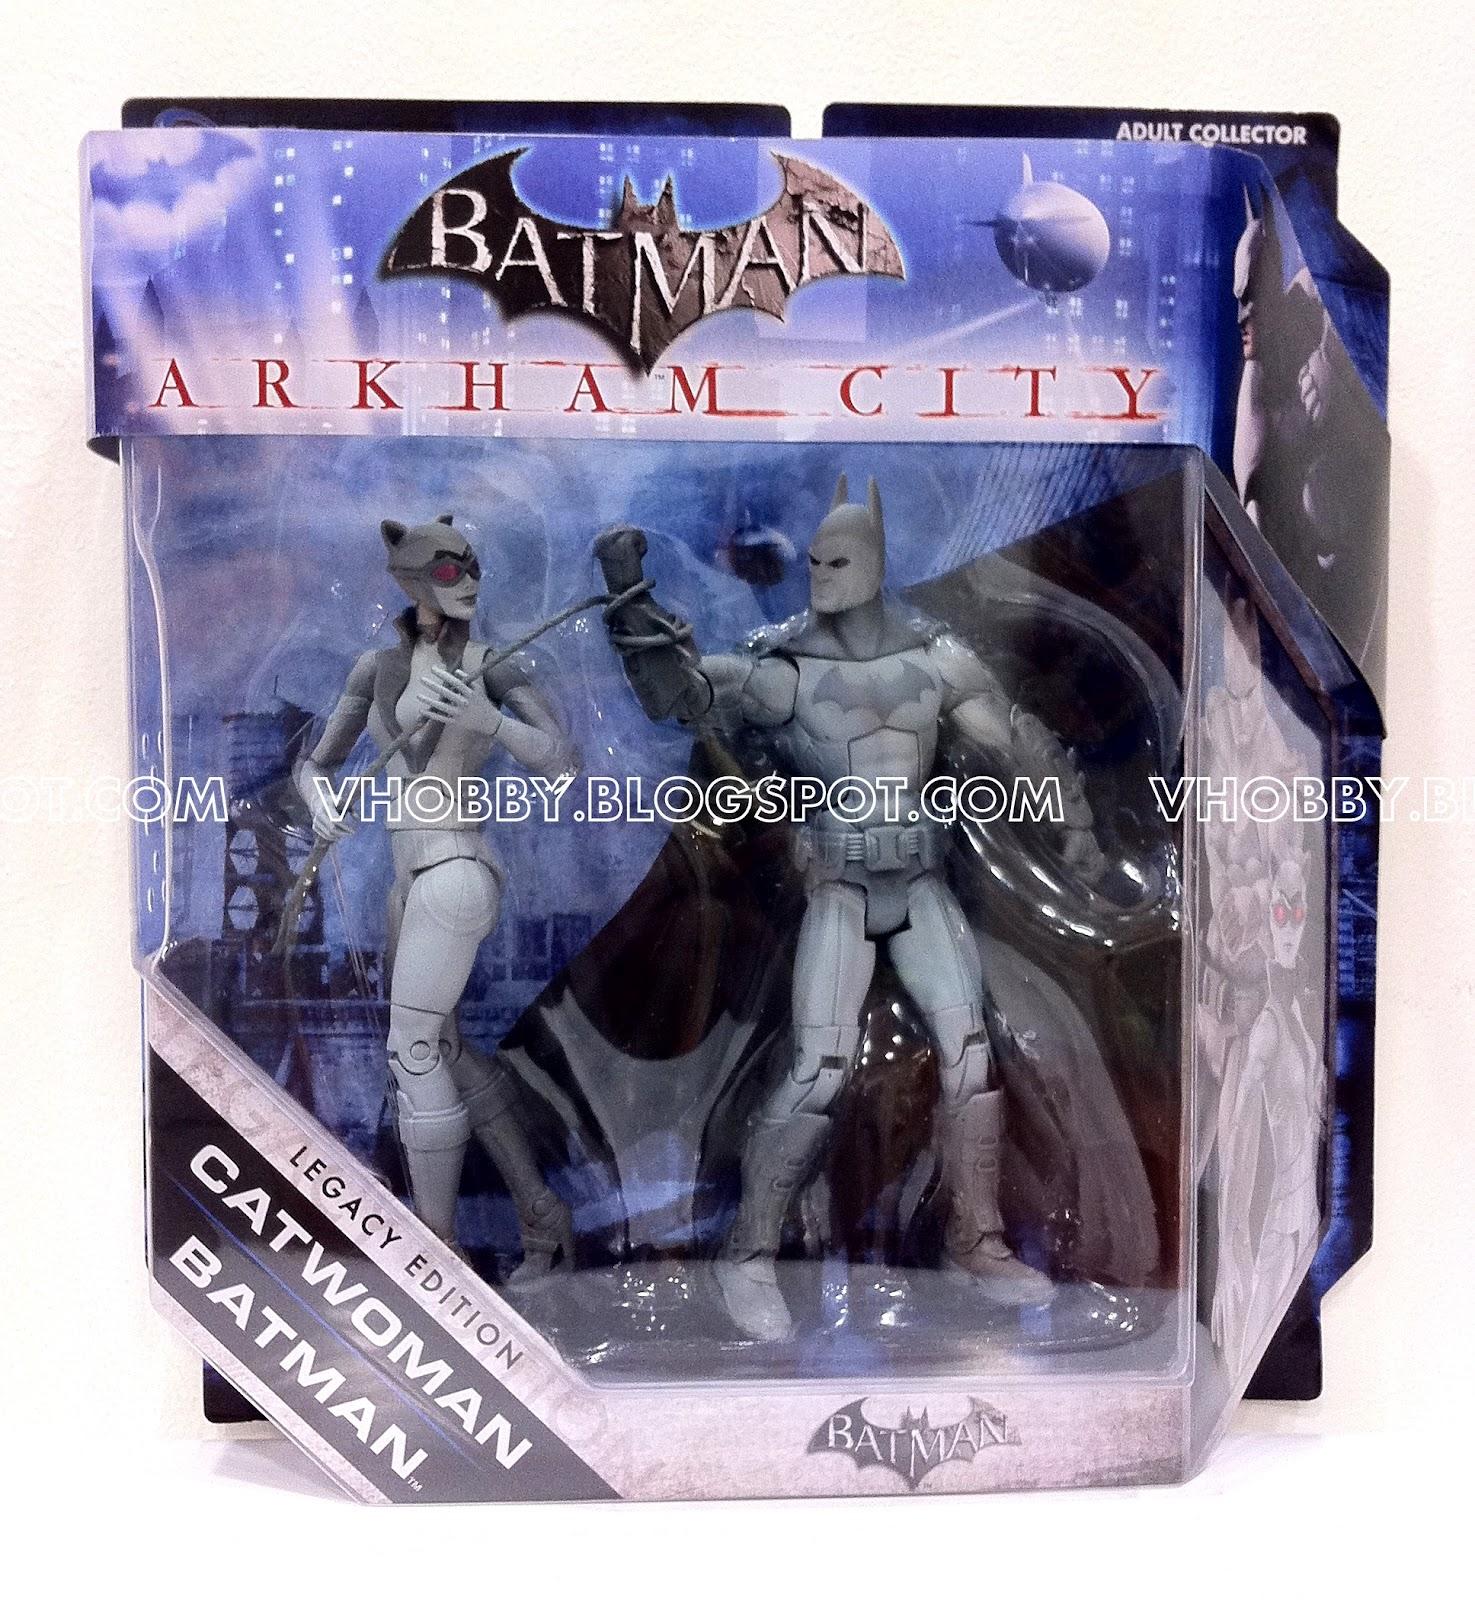 Batman Arkham City Action Figures Photo(13)